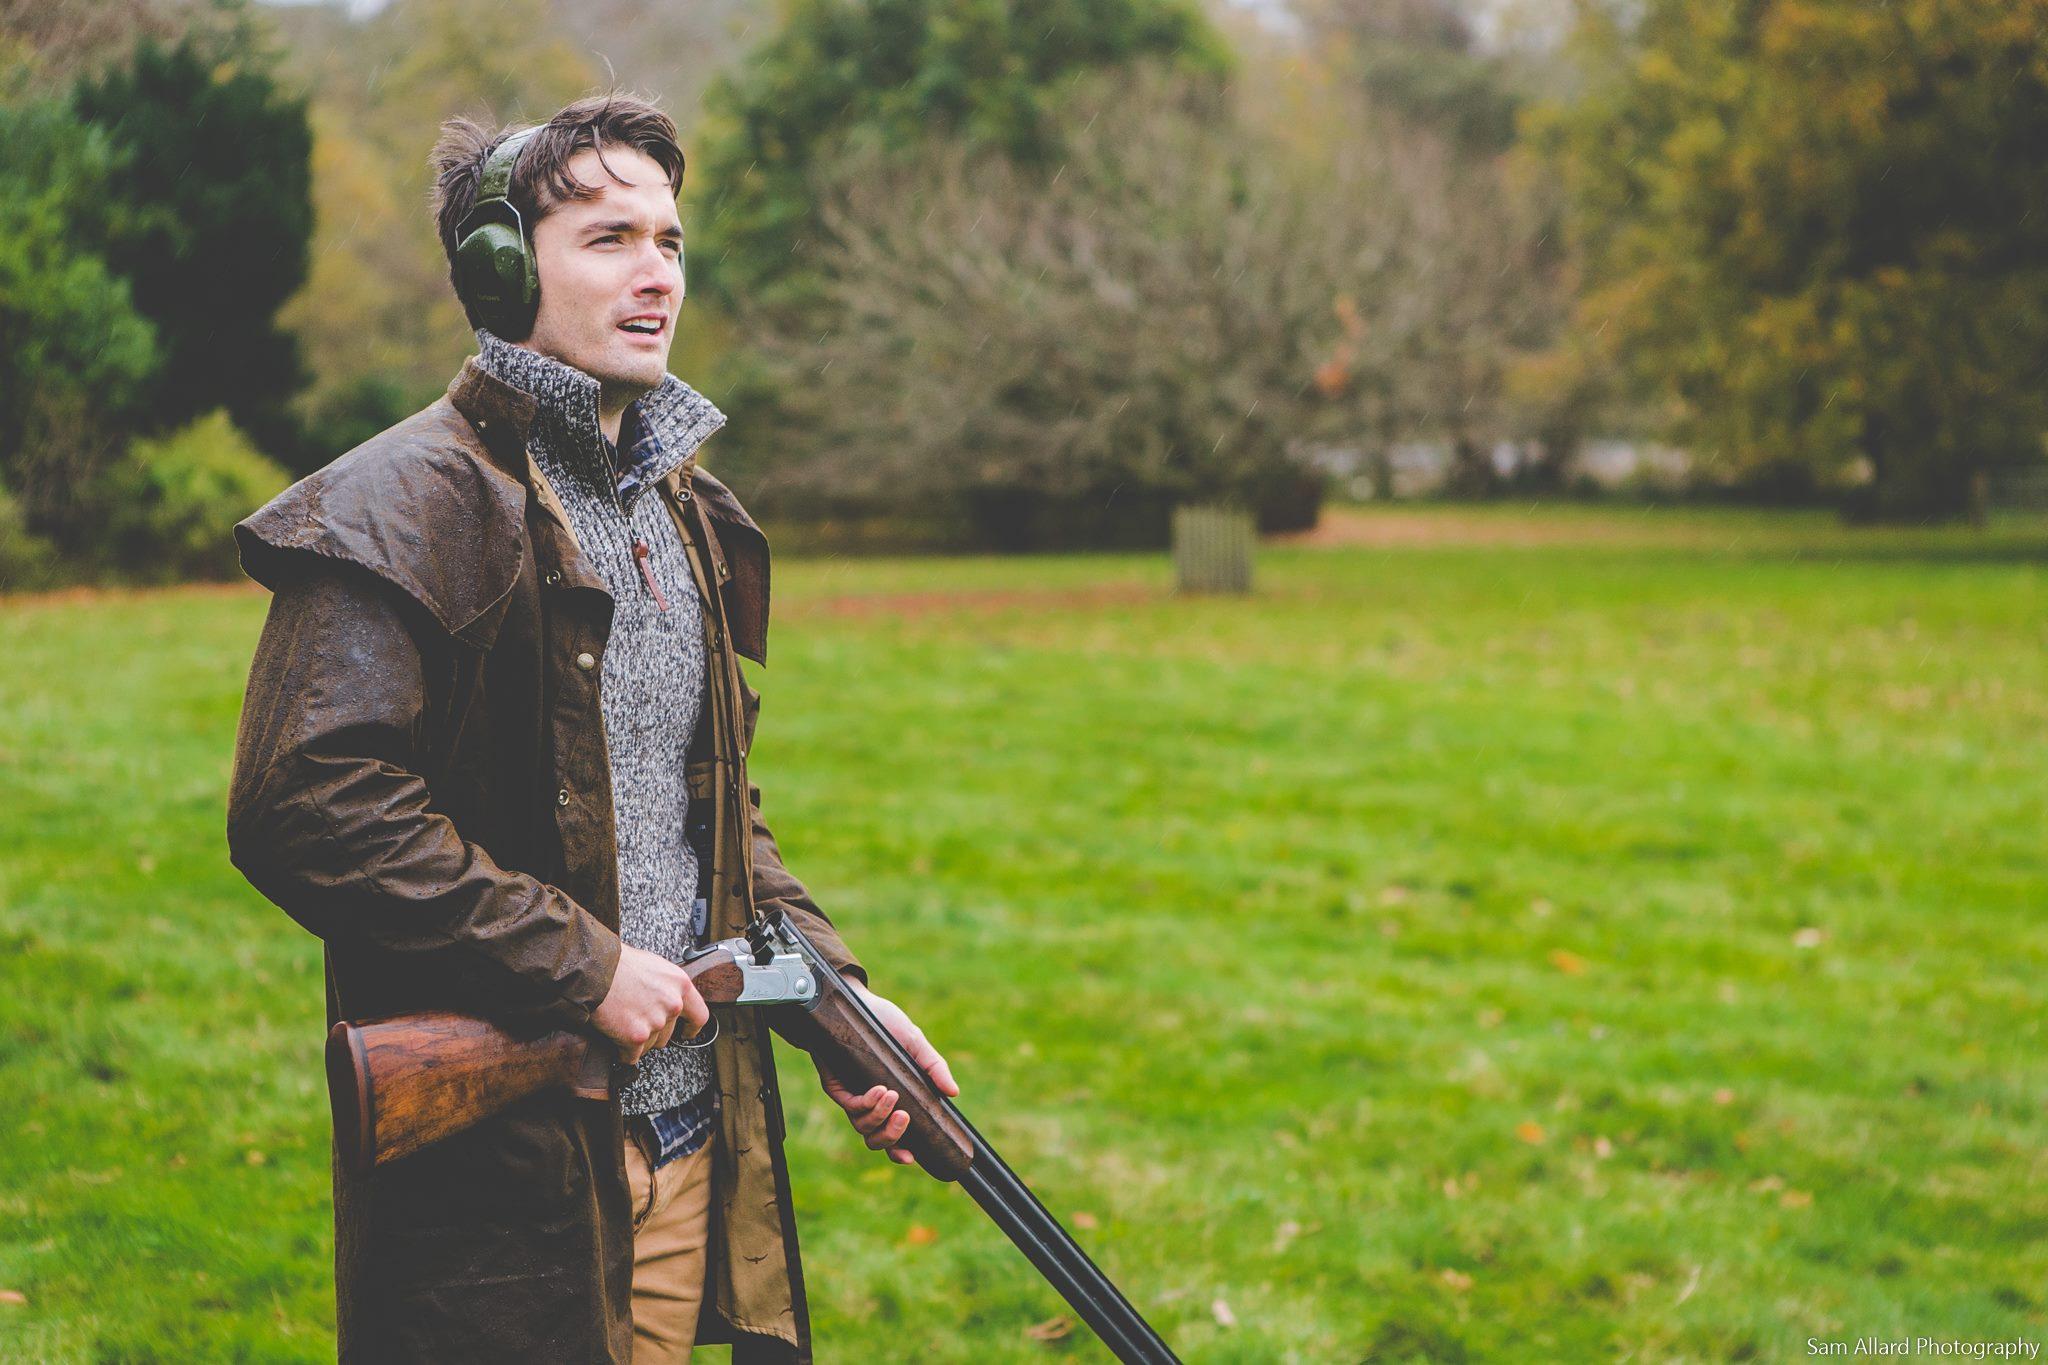 Joe Shooting UK